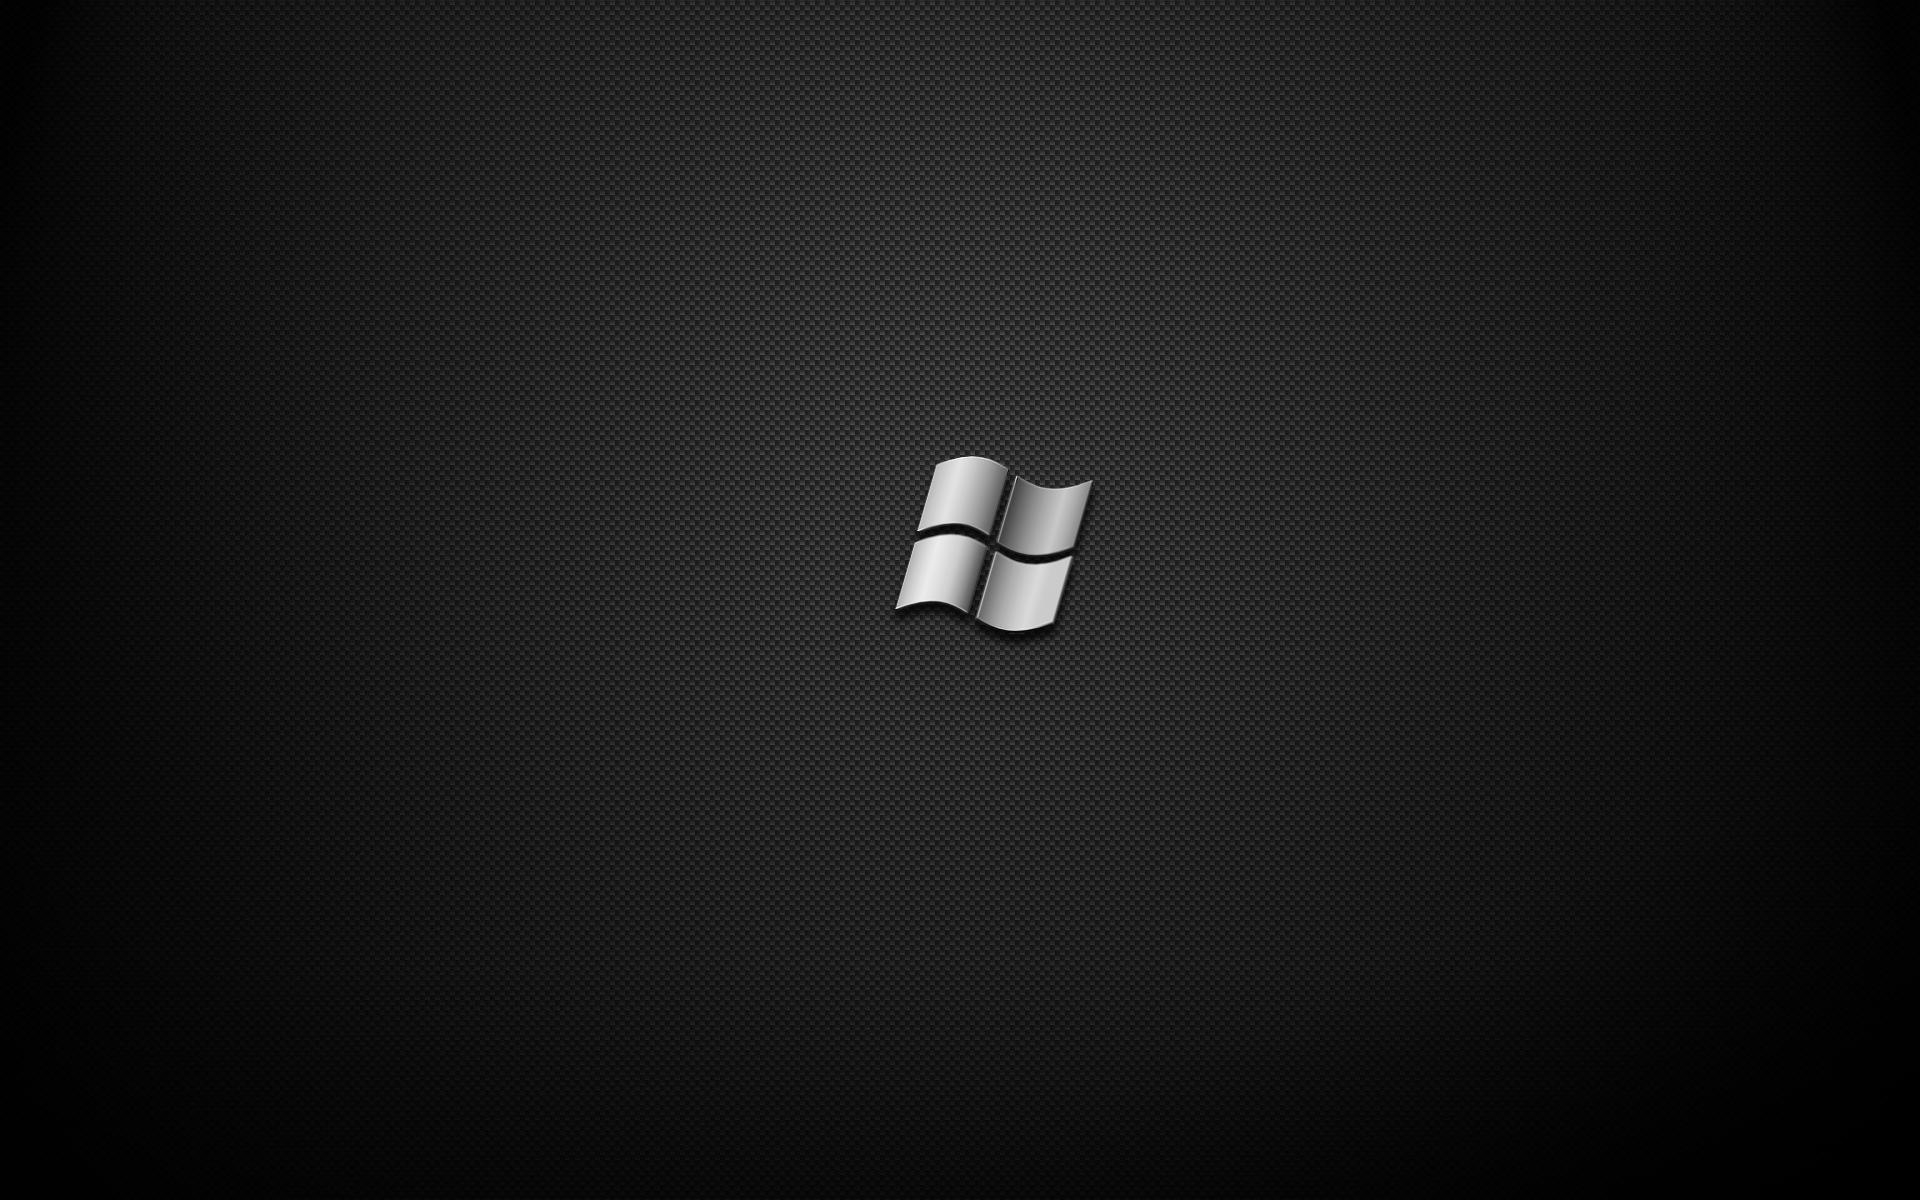 Windows Carbon Fiber wallpaper 120225 1920x1200